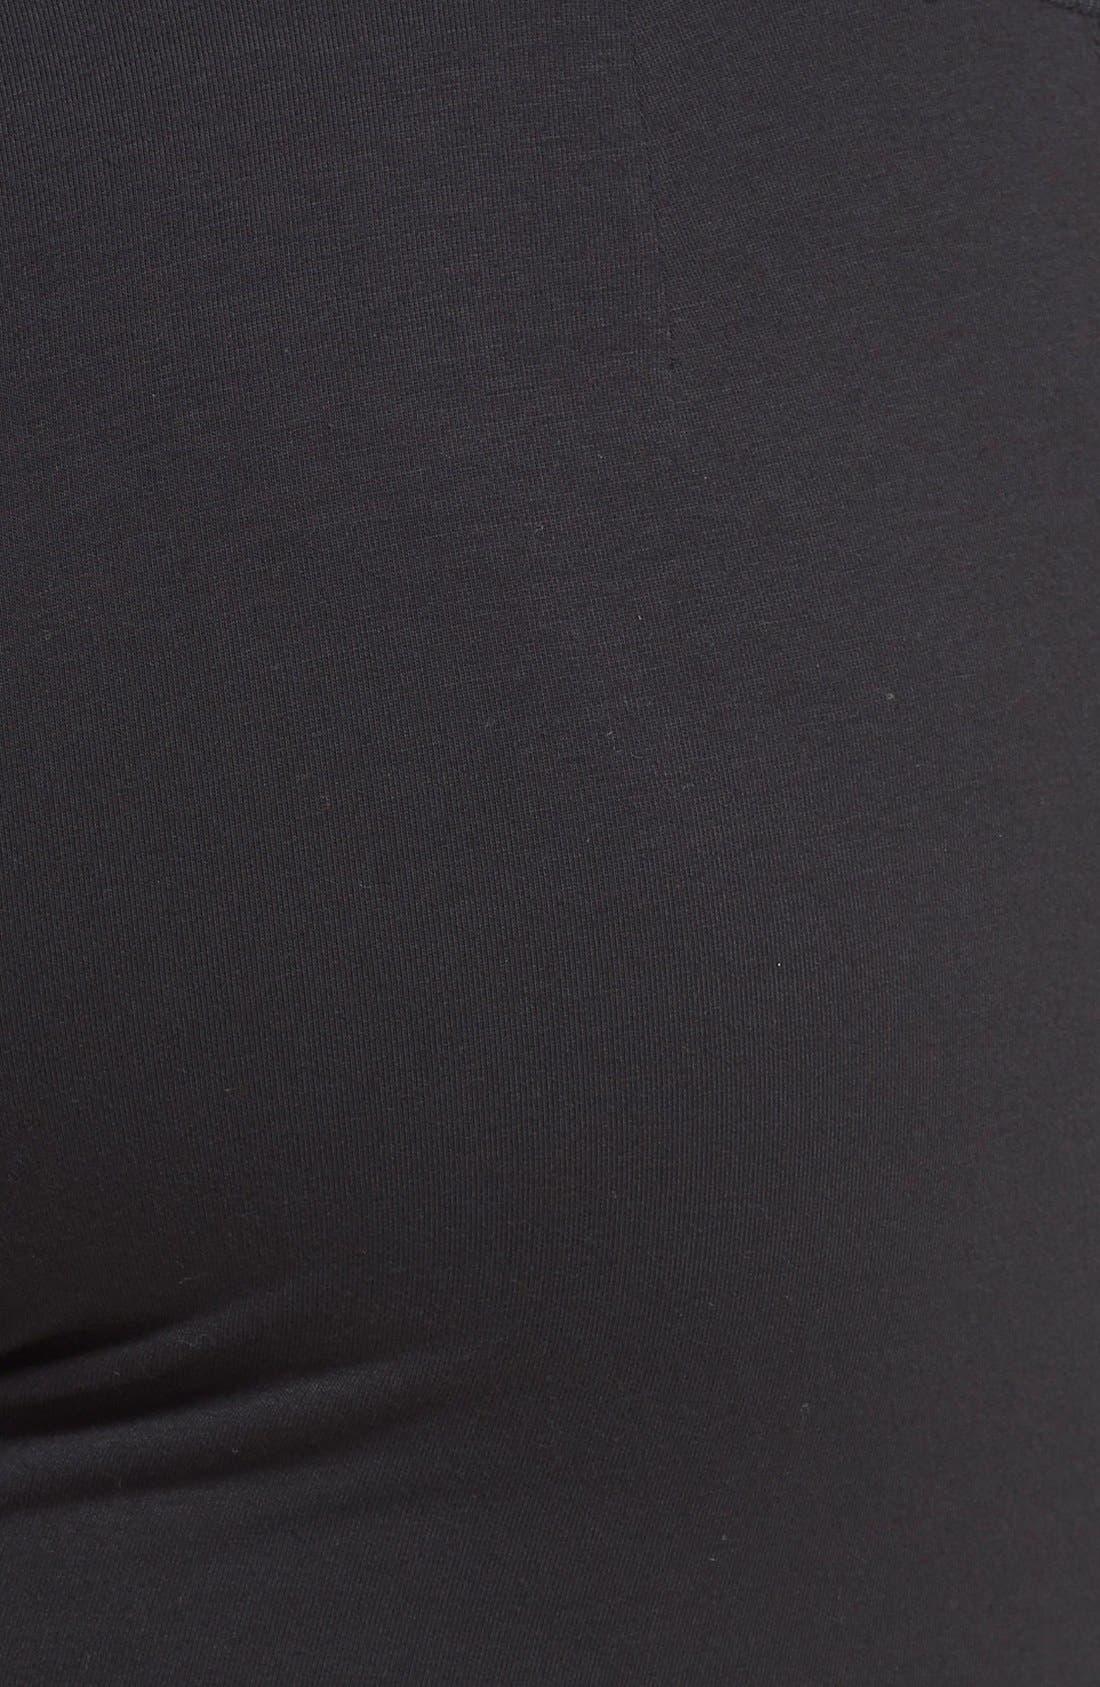 Skinny Knit Pants,                             Alternate thumbnail 3, color,                             Black